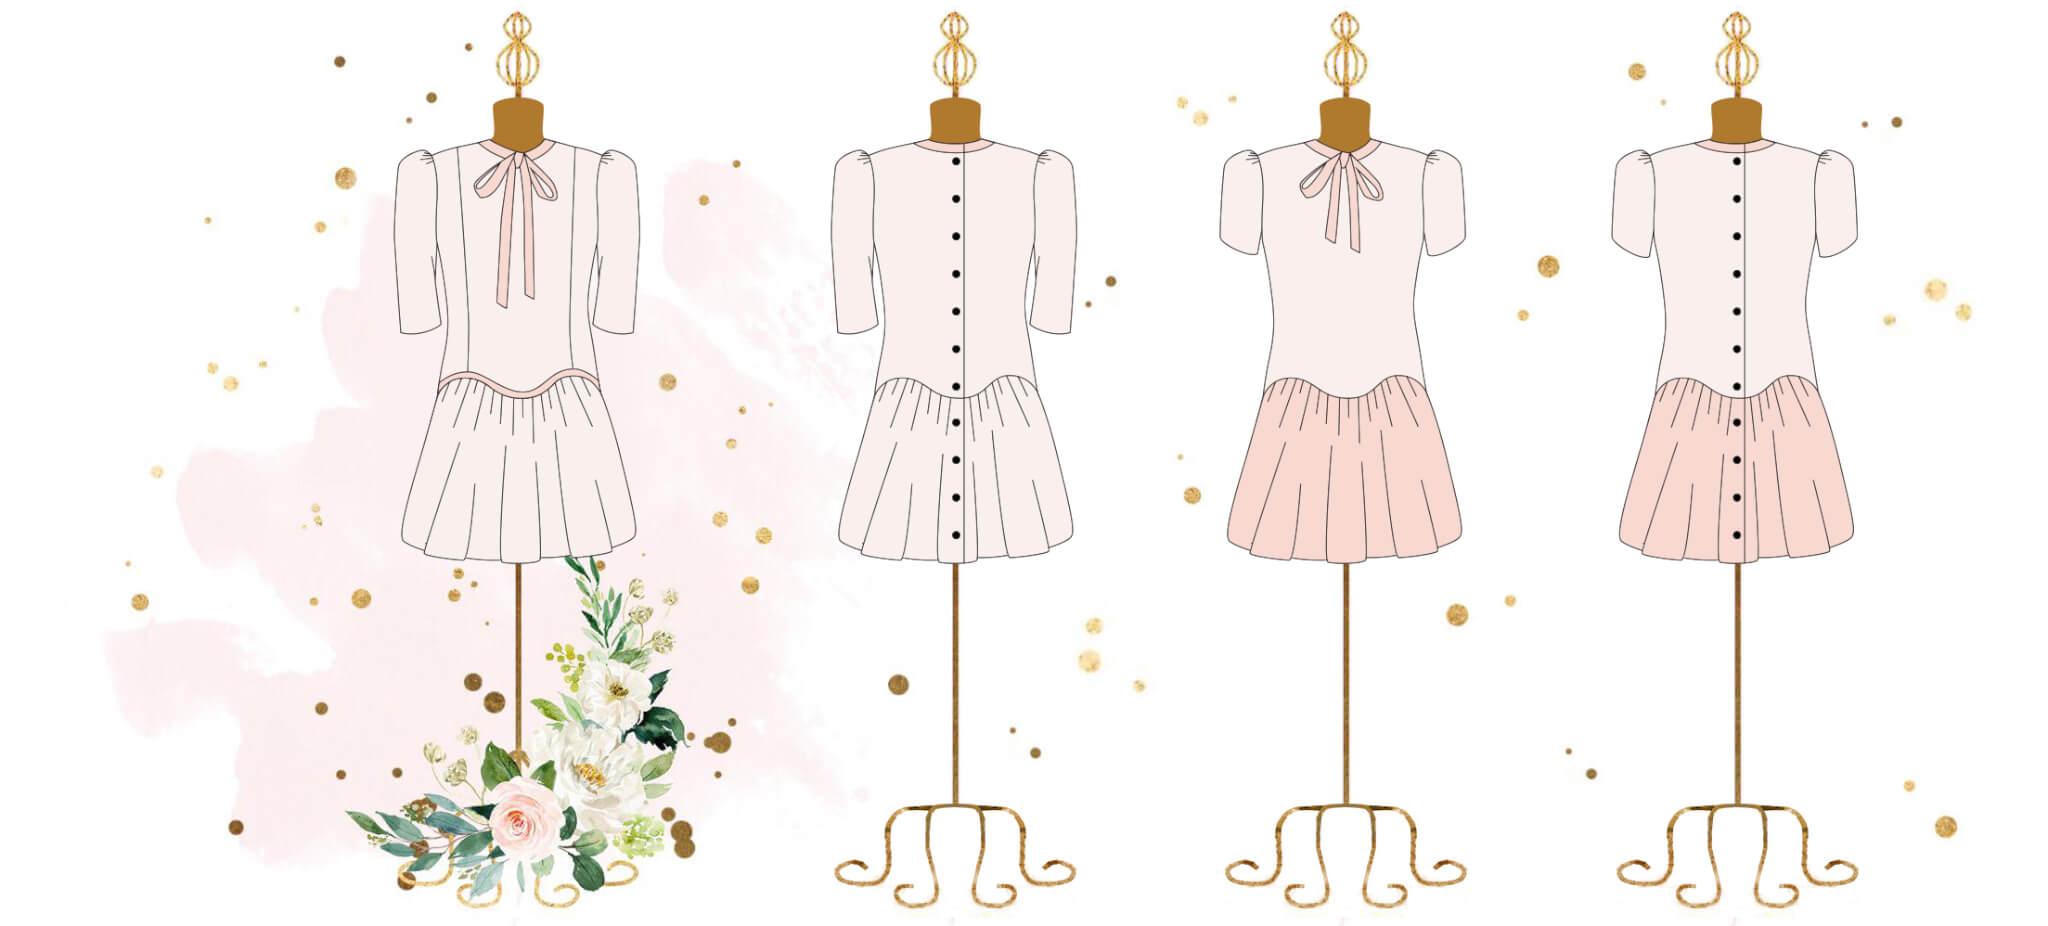 Falleyn dress forms